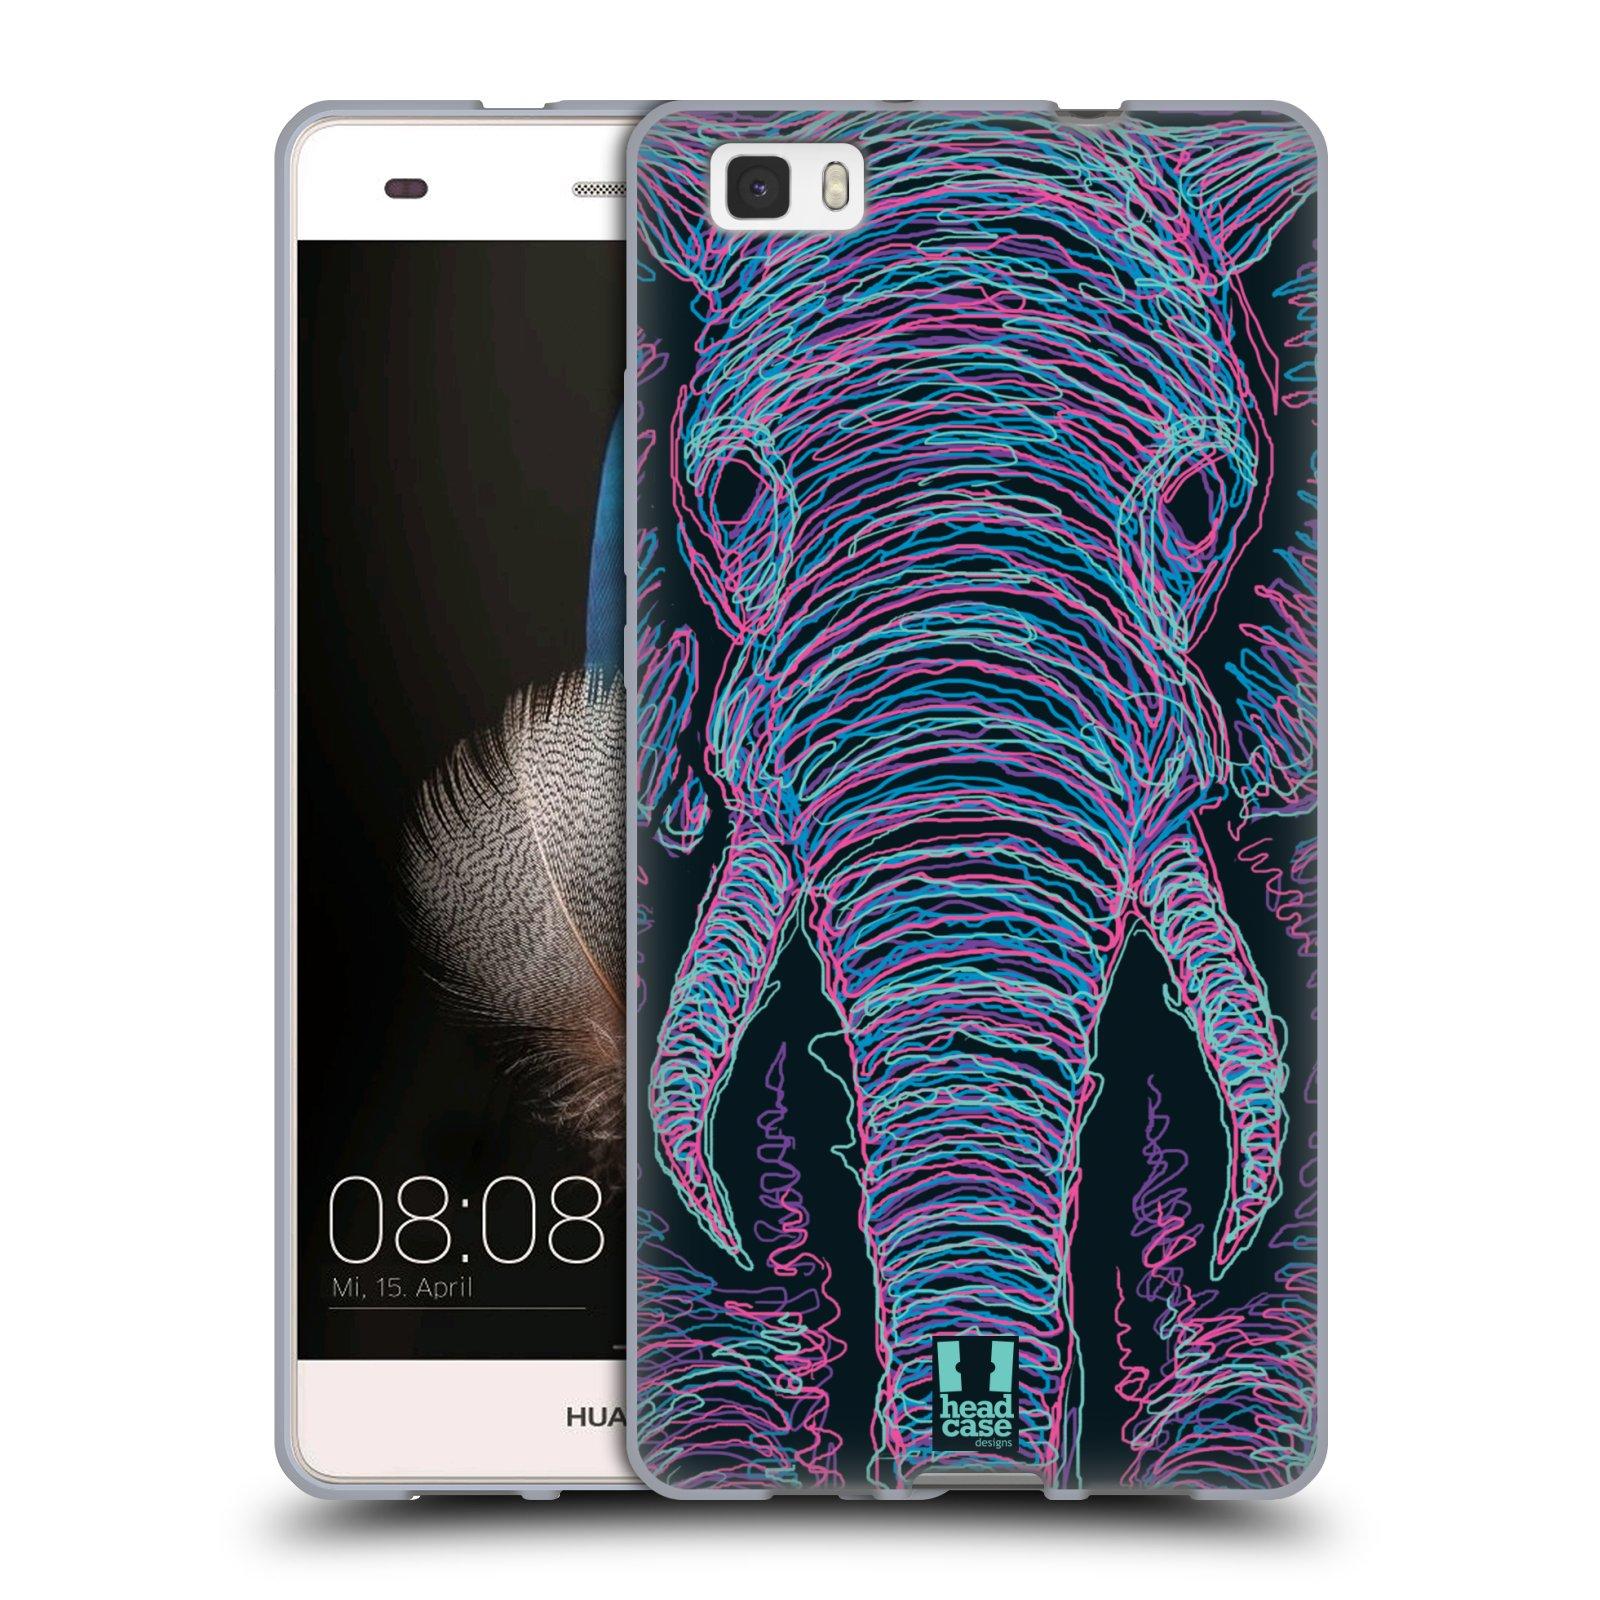 HEAD CASE silikonový obal na mobil HUAWEI P8 LITE vzor zvíře čmáranice slon